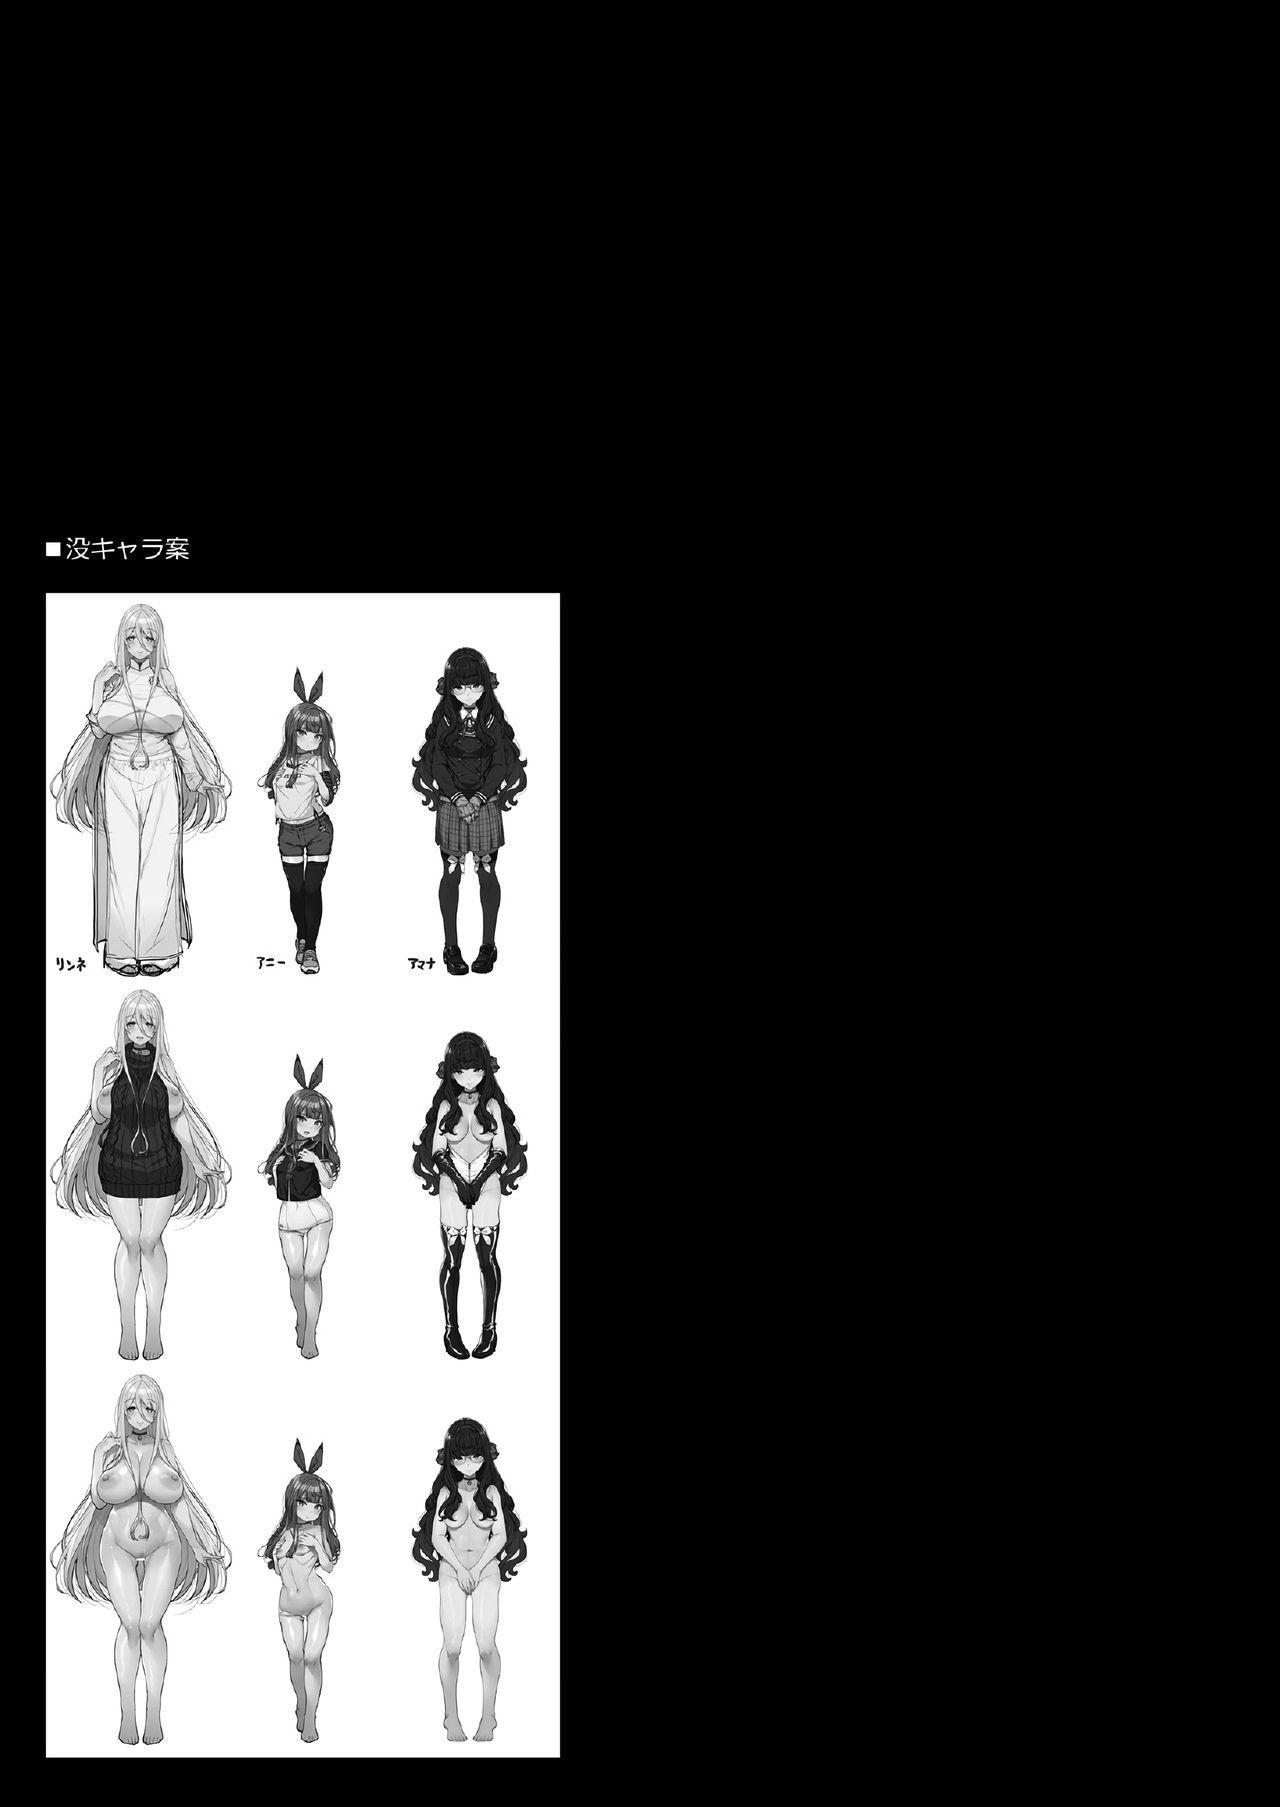 Tanetsuke Oji-san to Papakko JD Saimin Seikatsu 27